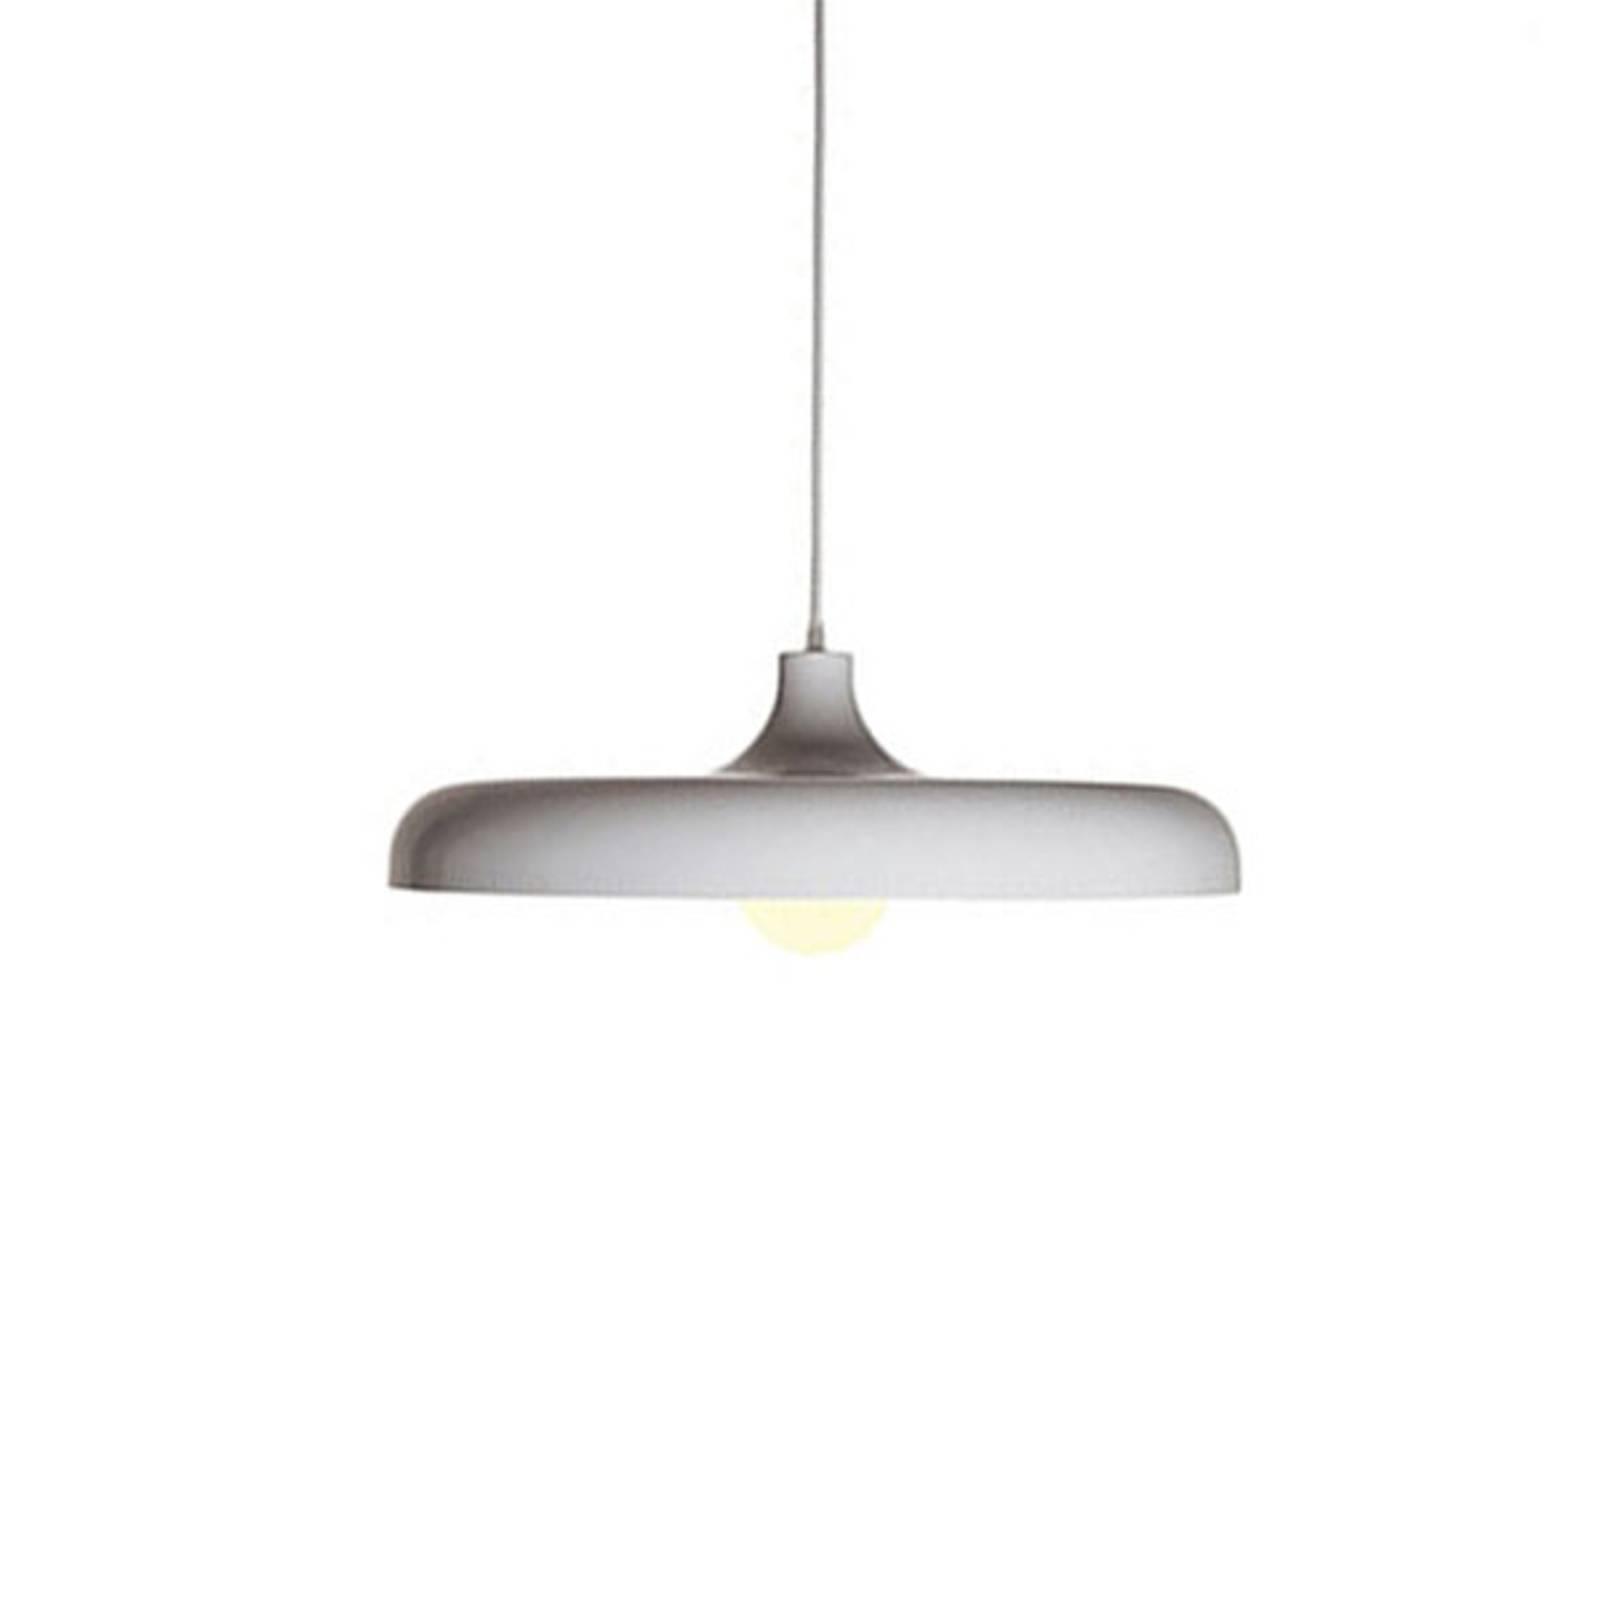 Innermost Portobello - Hängeleuchte Ø 49cm weiß